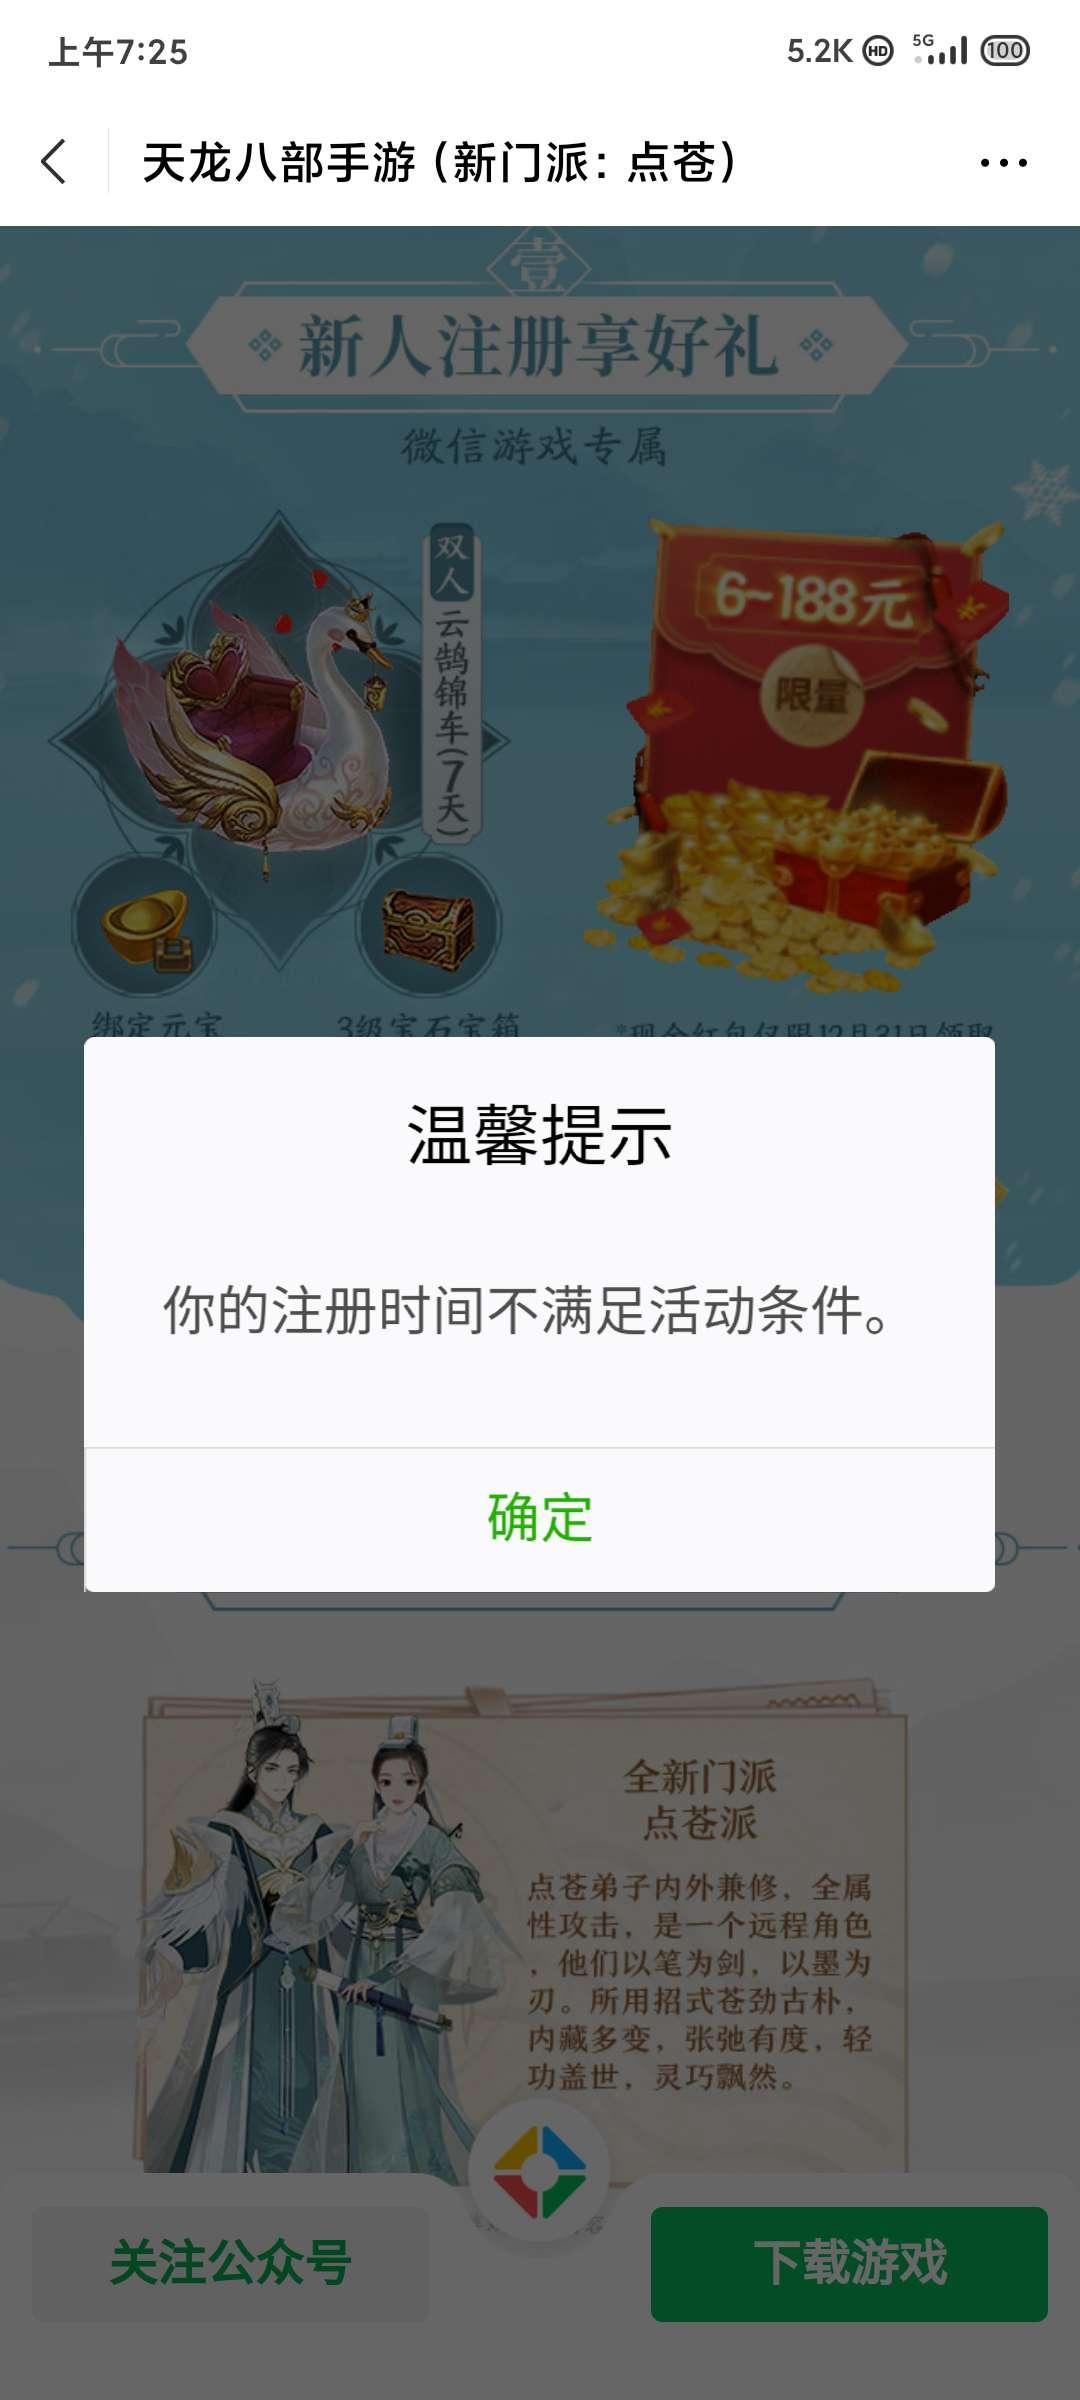 图片[2]-天龙八部注册领现金红包-老友薅羊毛活动线报网